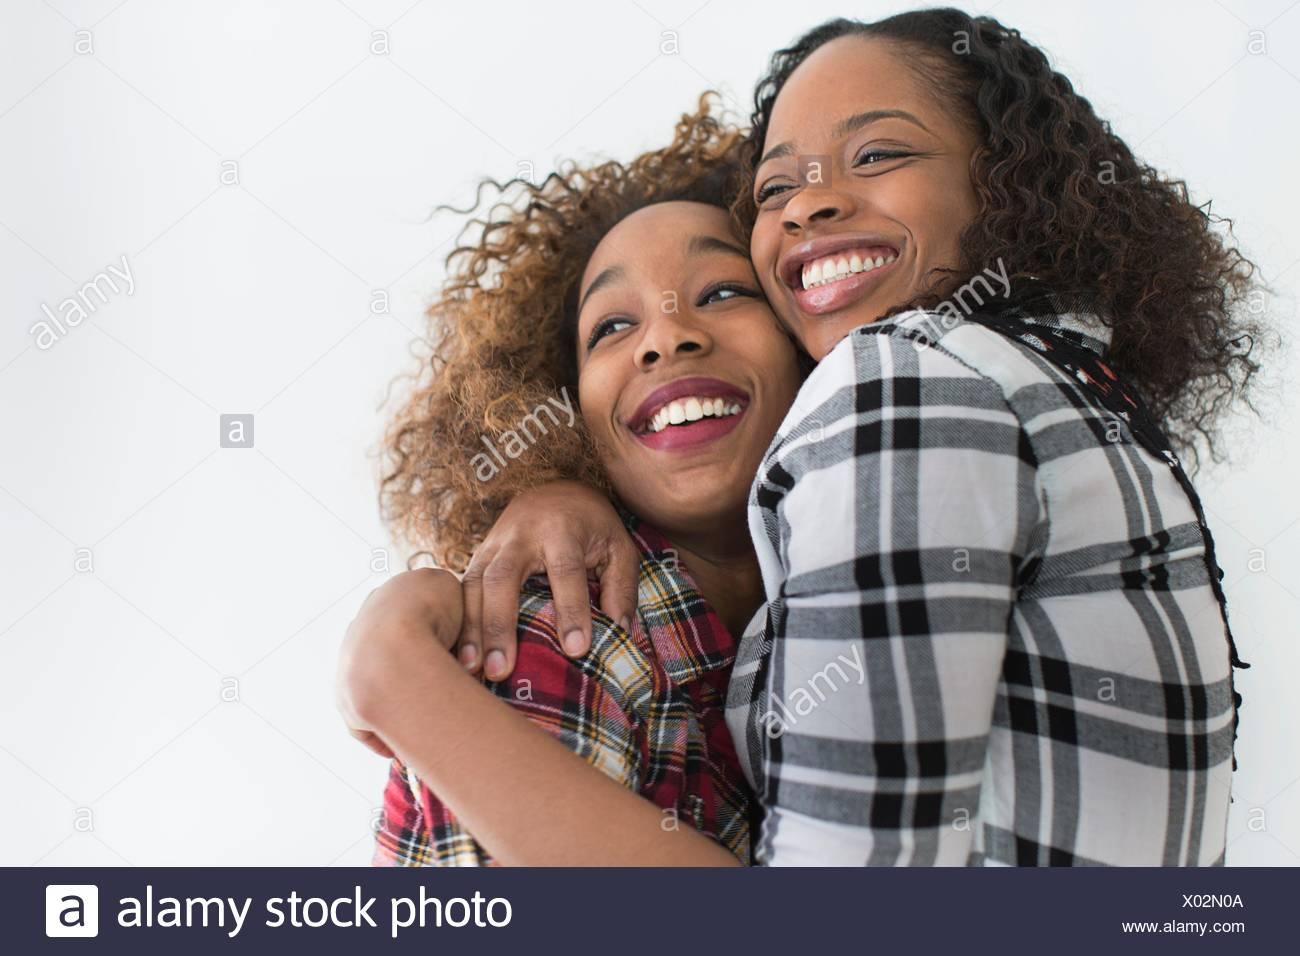 Ritratto in studio di due giovani donne amici avvolgente Immagini Stock